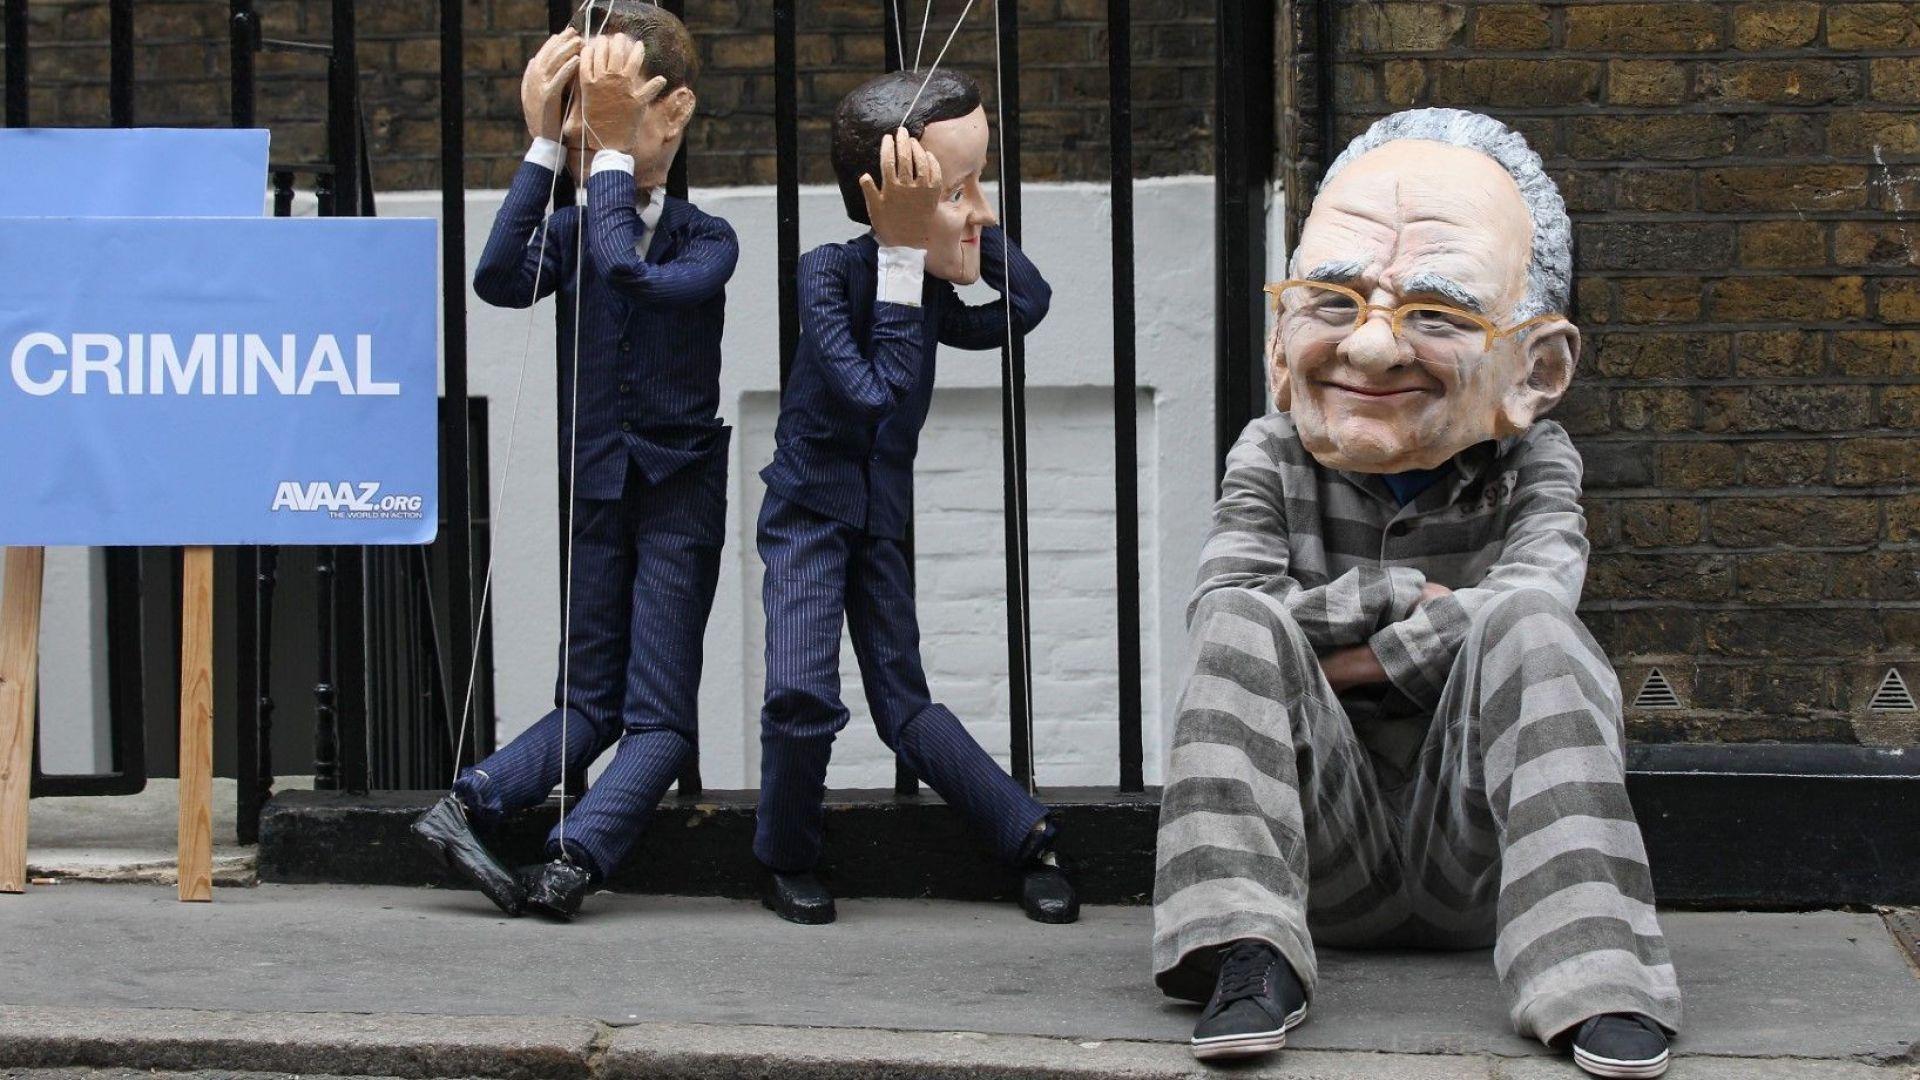 Протестиращ с маска на Рупърт Мърдок демонстрира с кукли на политическите лидери на консерваторите и лейбъристите - Дейвид Камерън и Ник Клег, пред апартамента на изпълнителния директор на News Corp на 13 юли 2011 г. покрай скандала с хакването на телефона на тийнейджър от News of the World